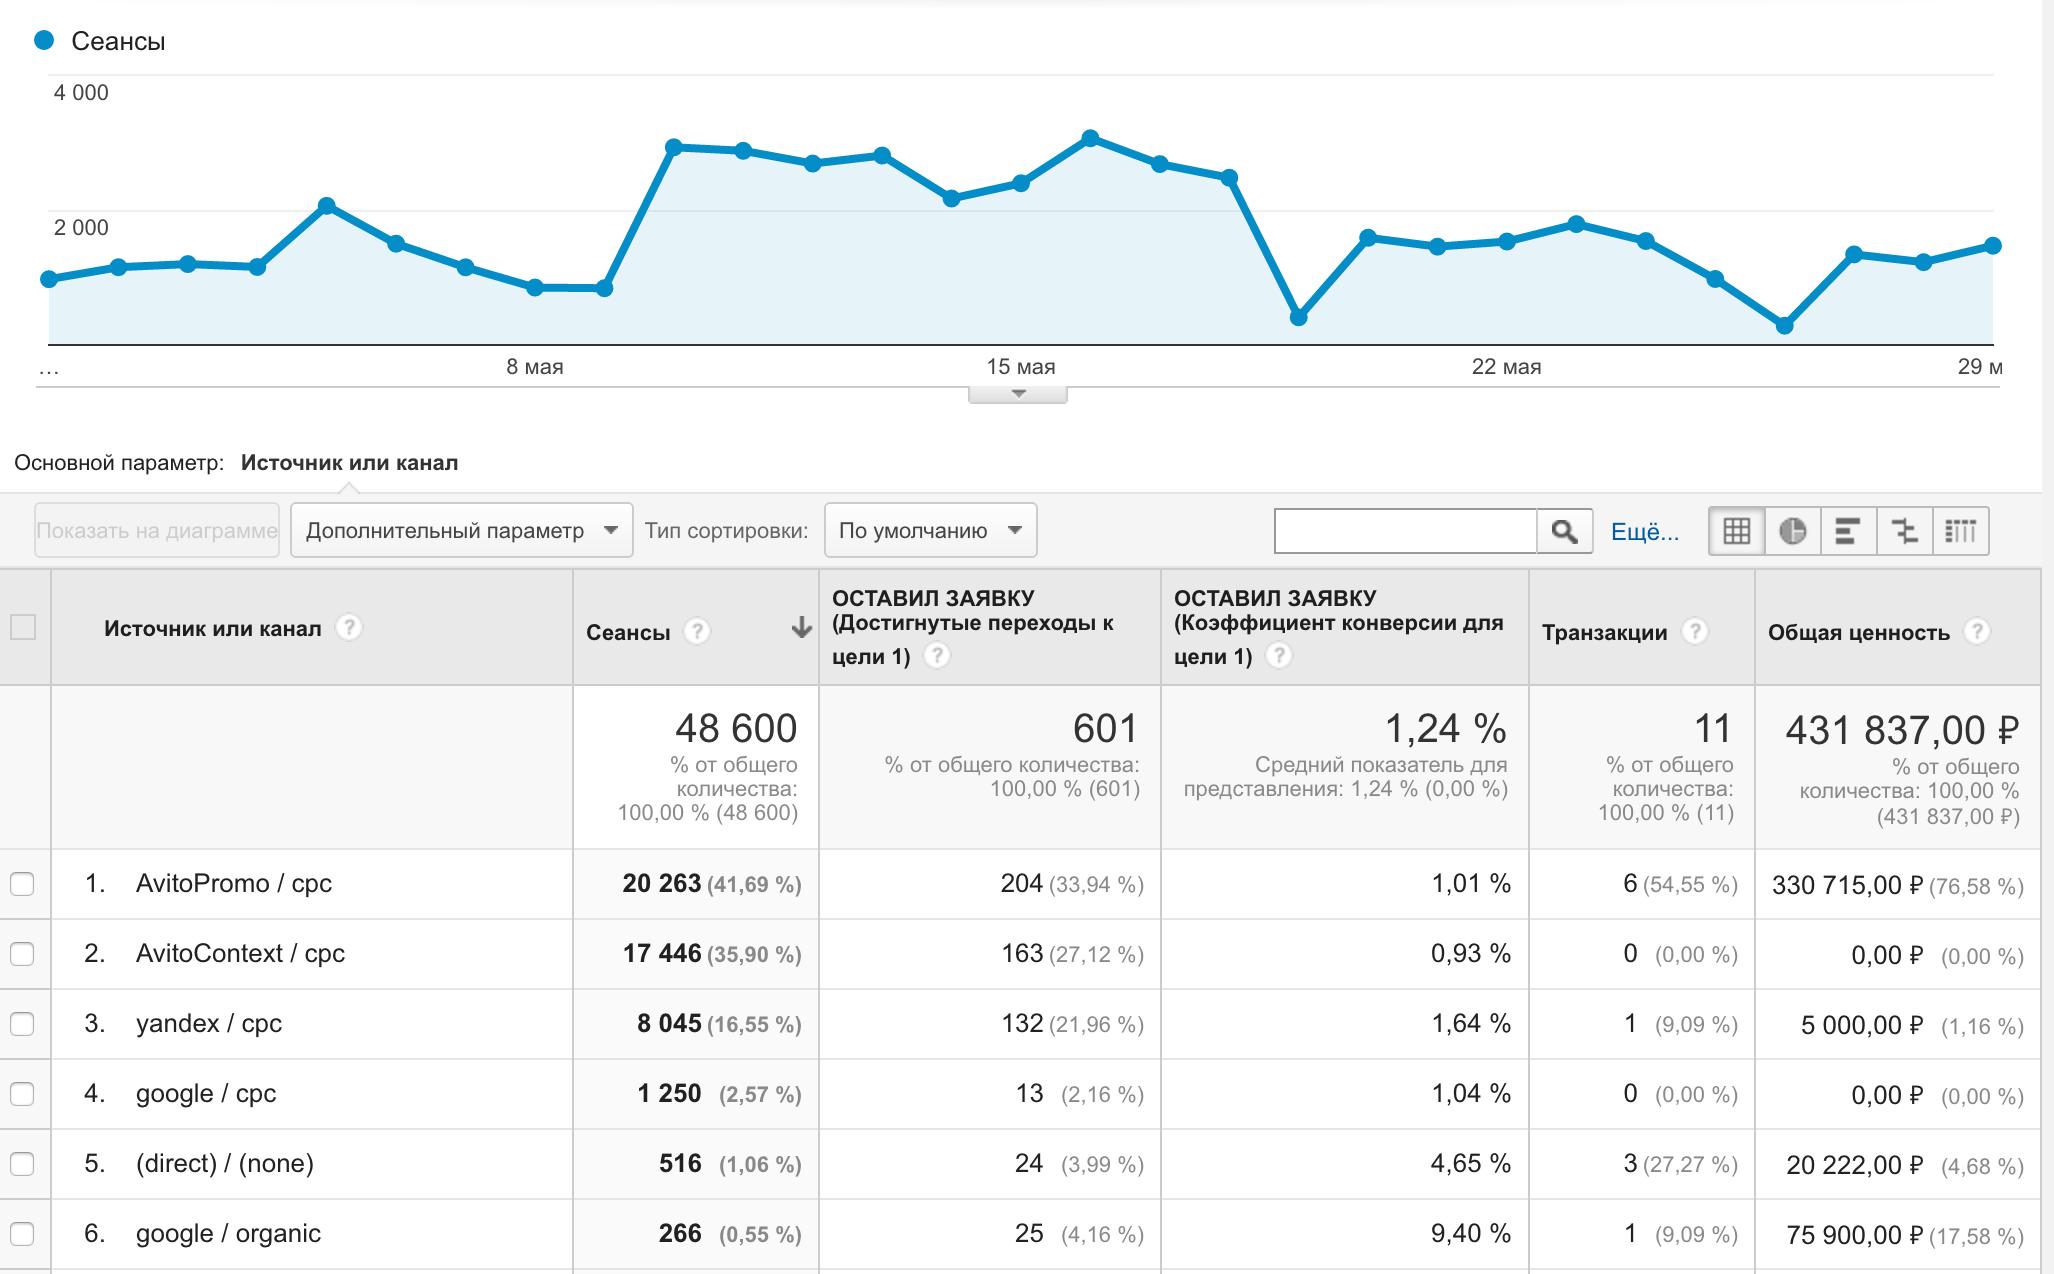 Сквозная аналитика на amoCRM + Google Analytics (Universal Analytics)